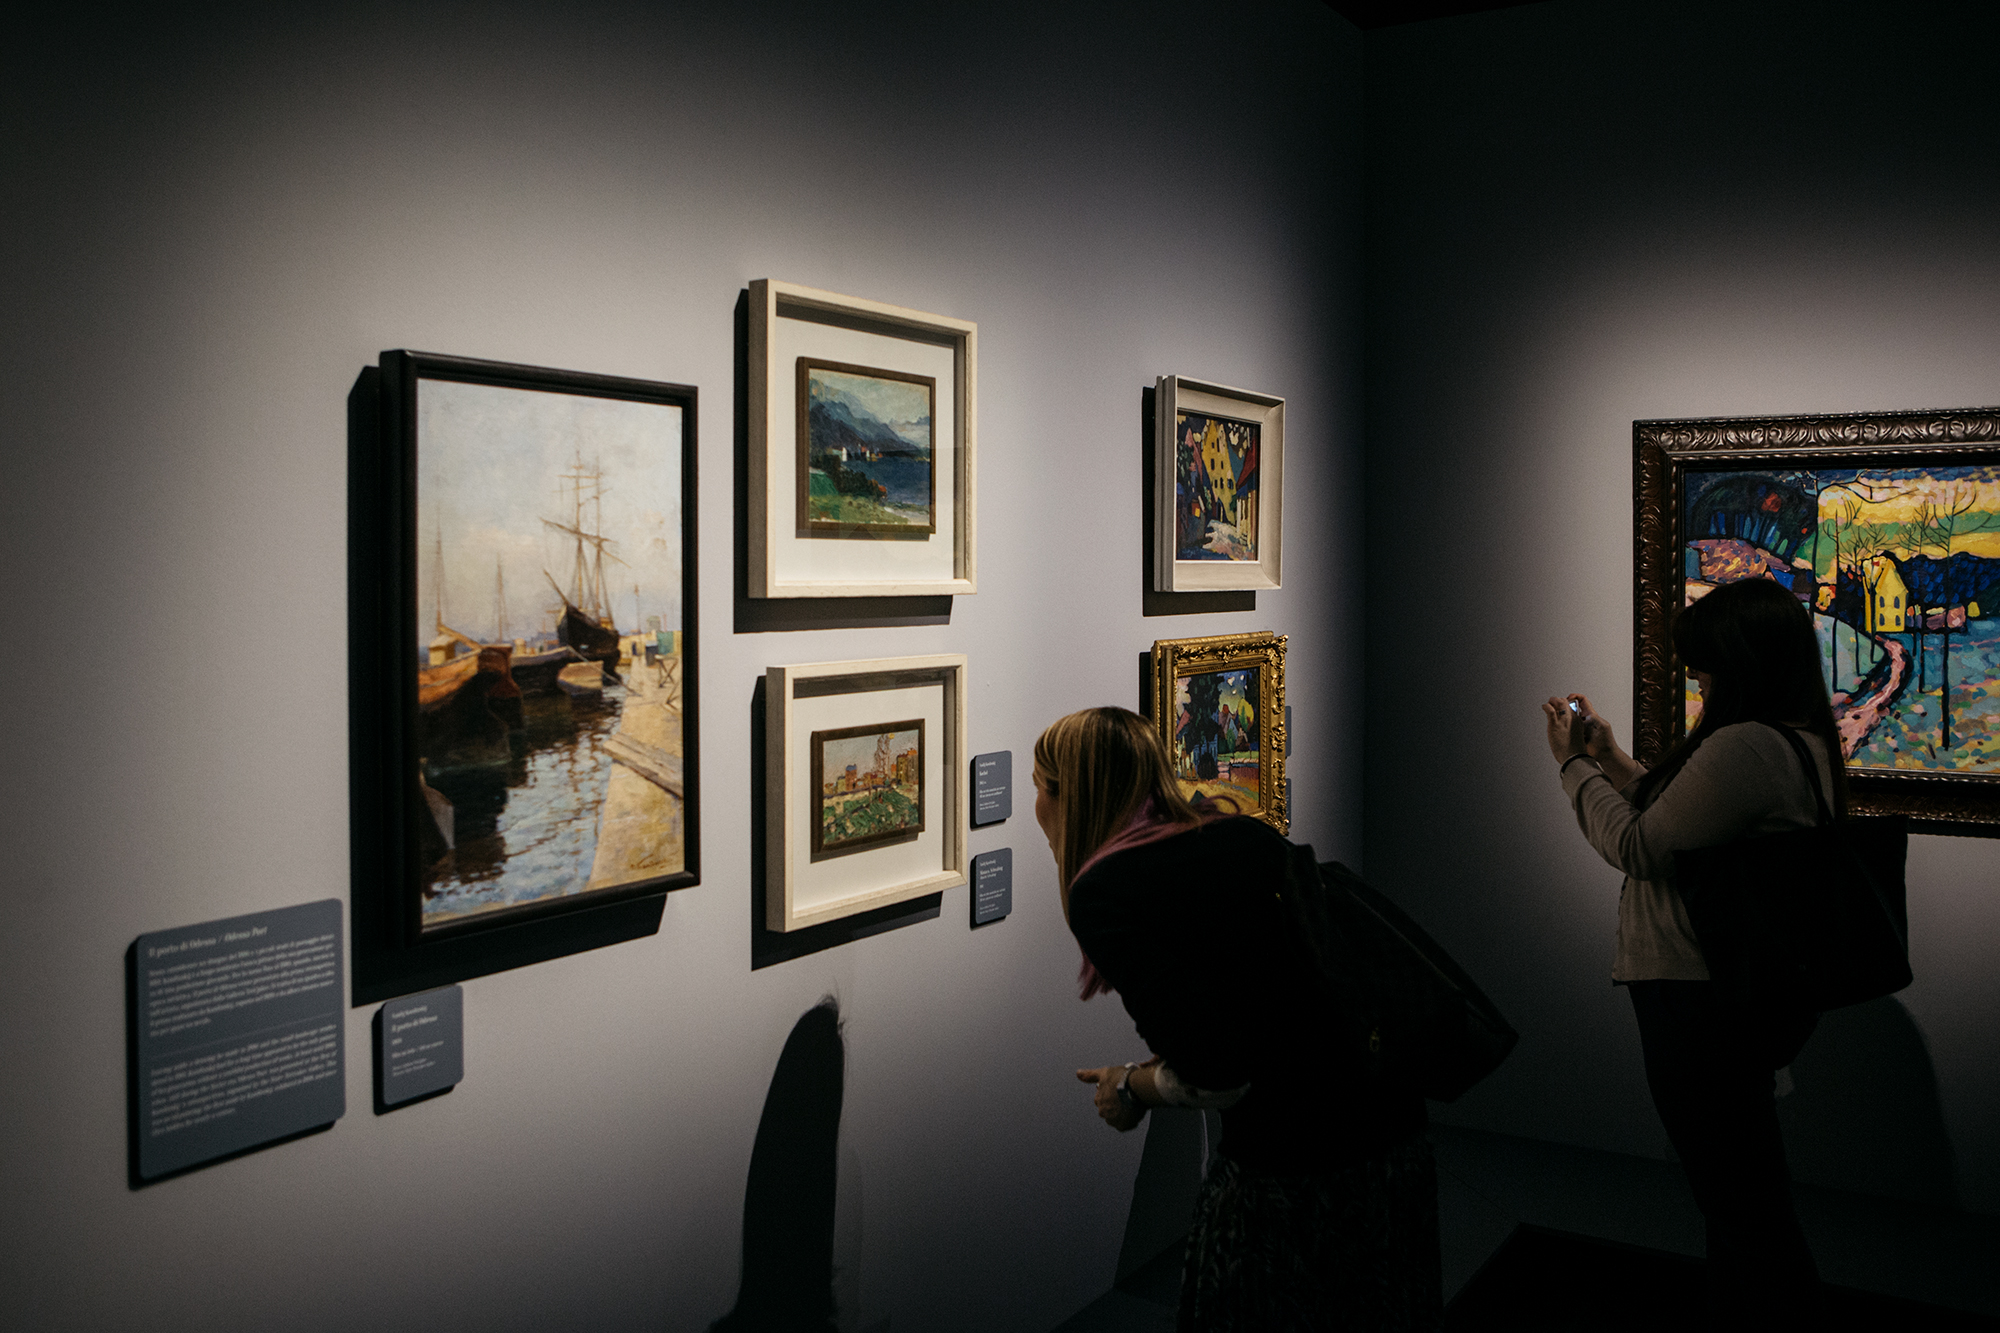 Le opere, alcune delle quali mai viste prima in Italia, provengono dai più importanti musei russi come l'Ermitage di San Pietroburgo e la Galleria Tretyakov di Mosca